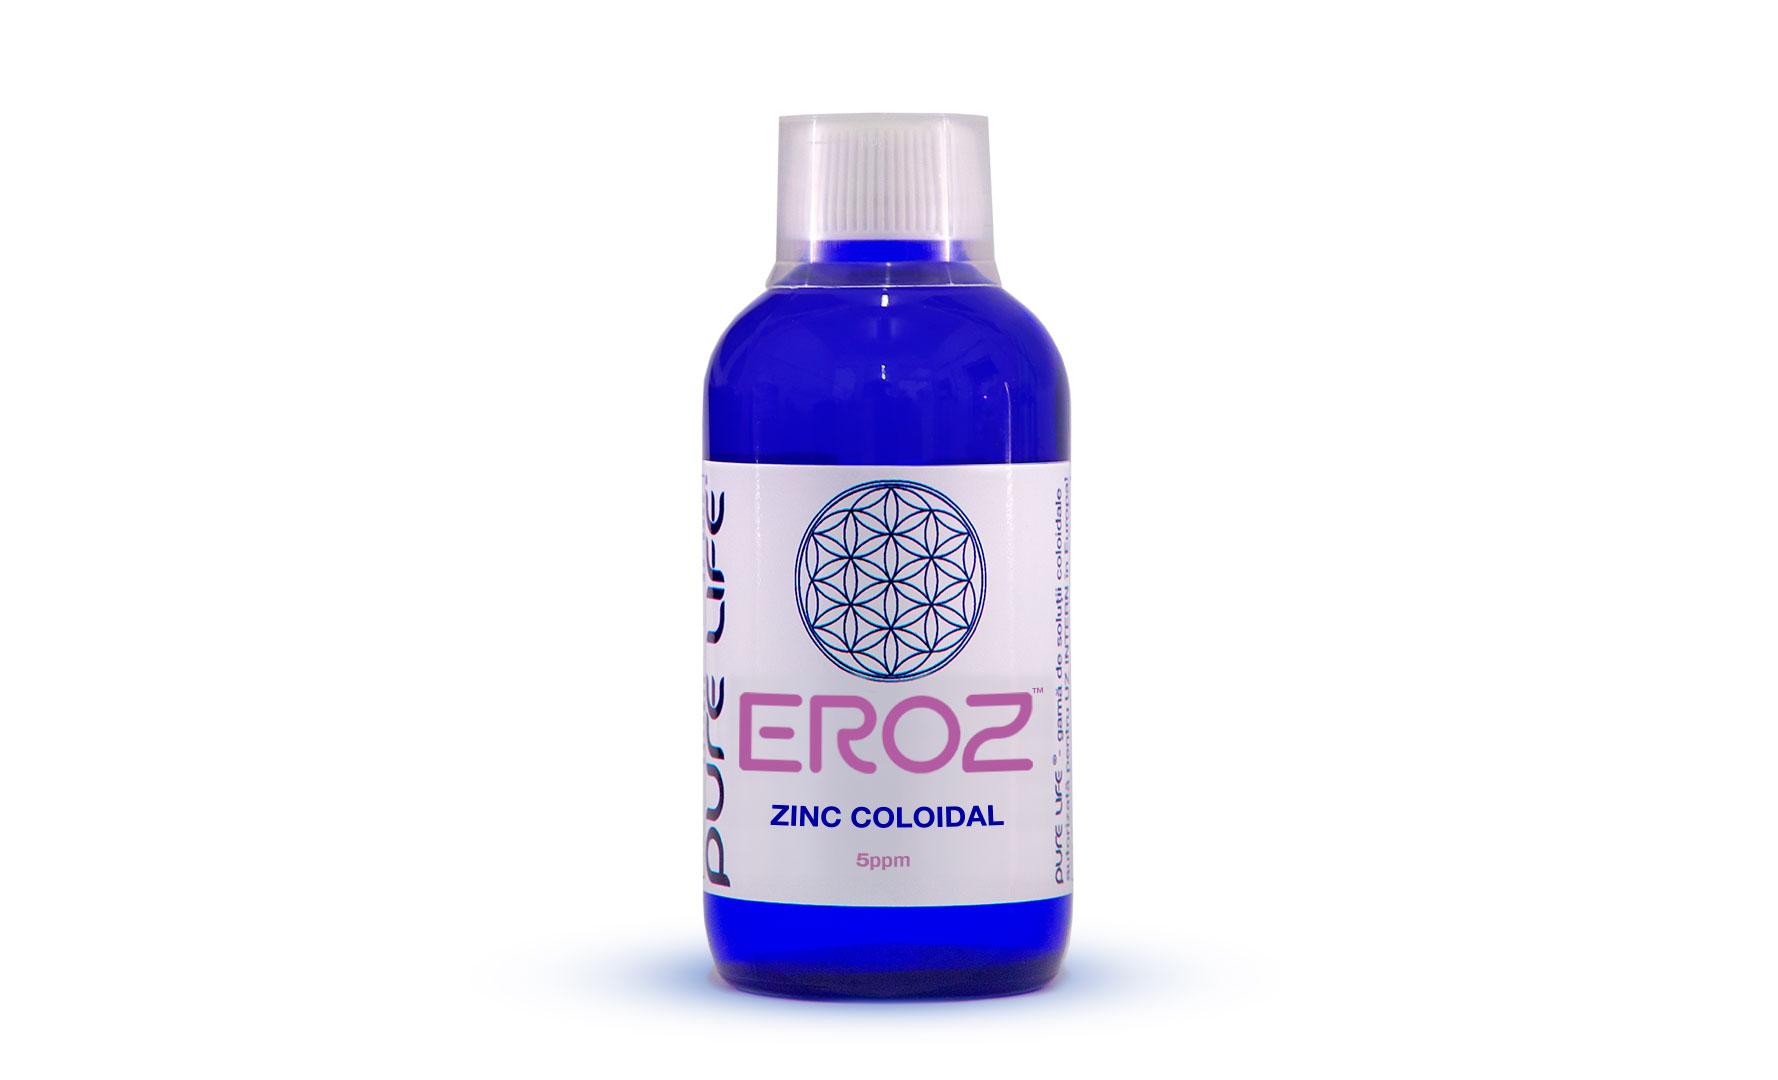 Eroz Zinc Coloidal